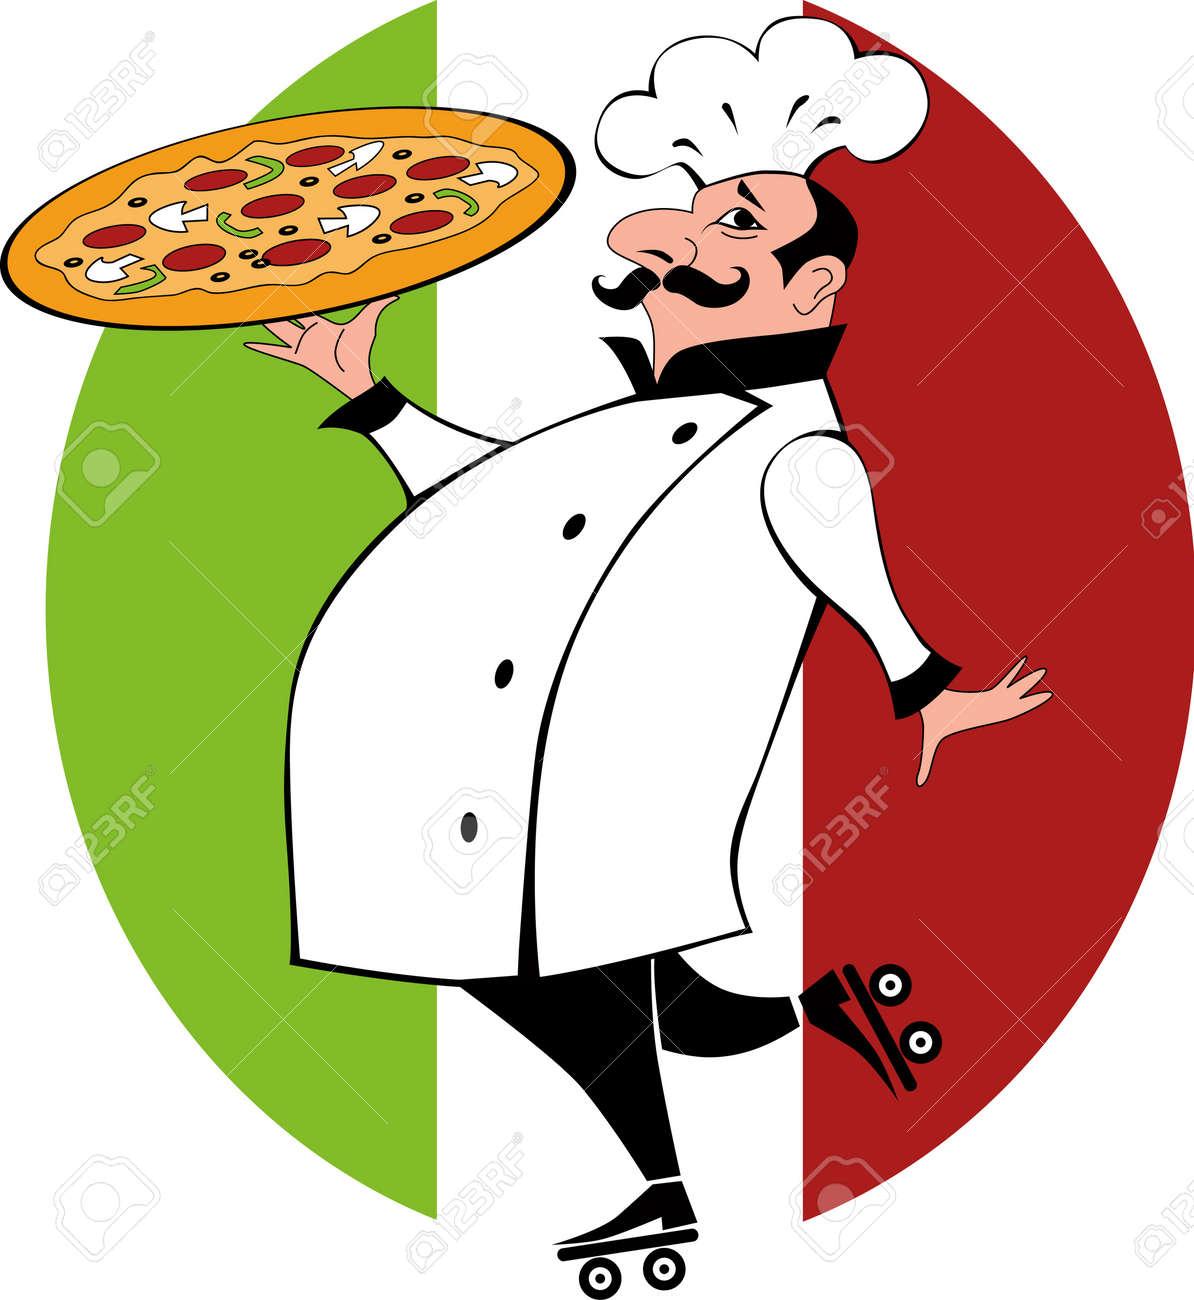 Pizza Chef Uniform Funny Chef in Chef Uniform on